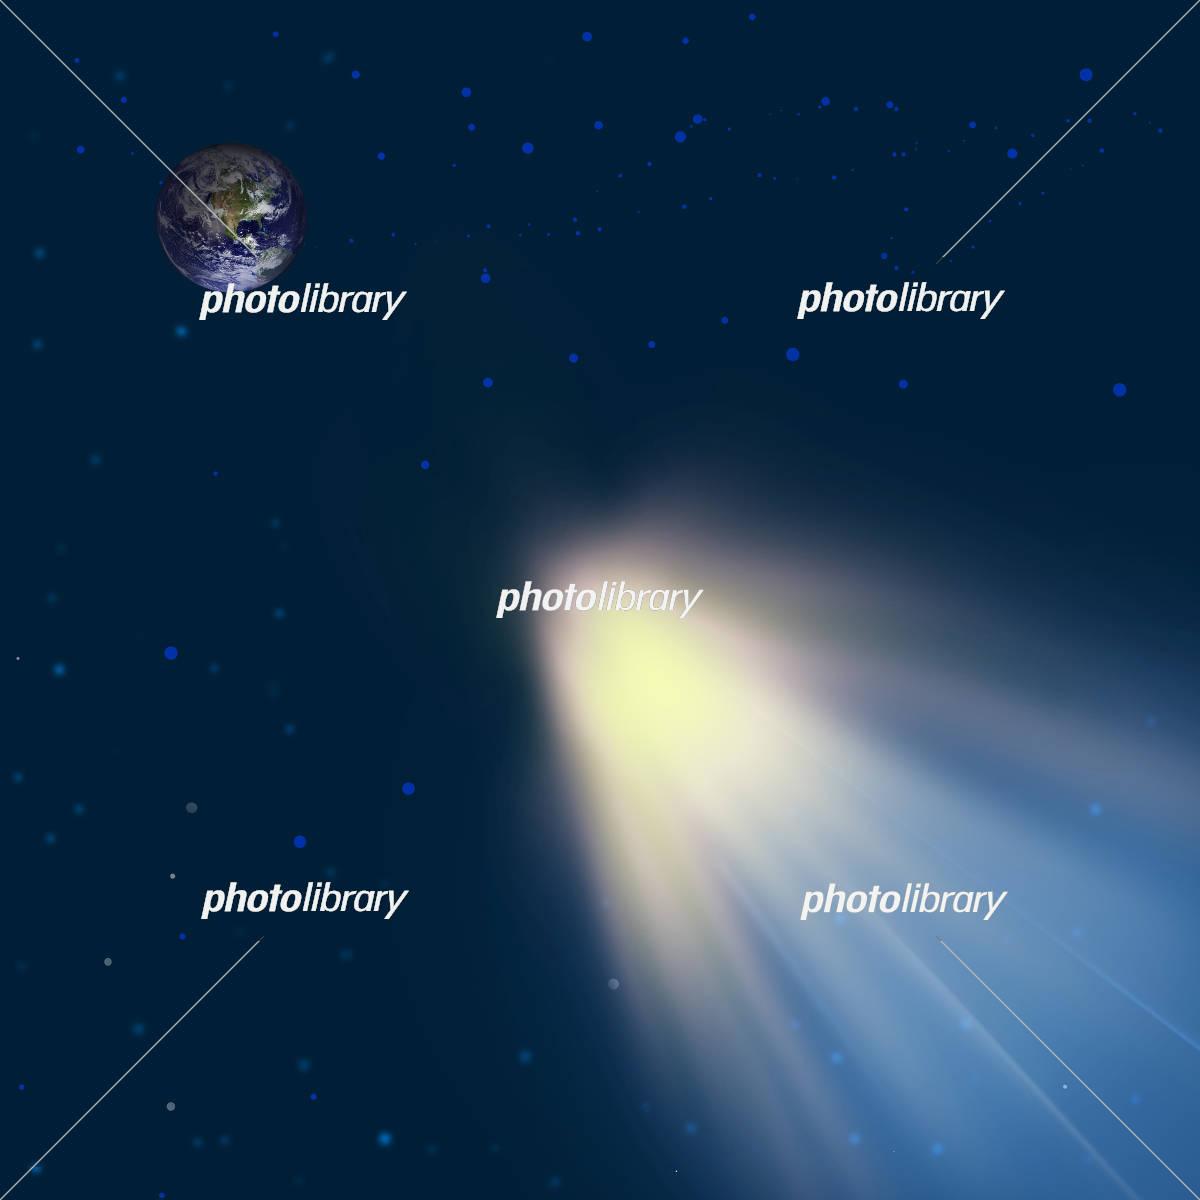 星雲 星座 渦巻星雲 閃光 流れ星 銀河 宇宙 太陽系 イラスト素材 ...